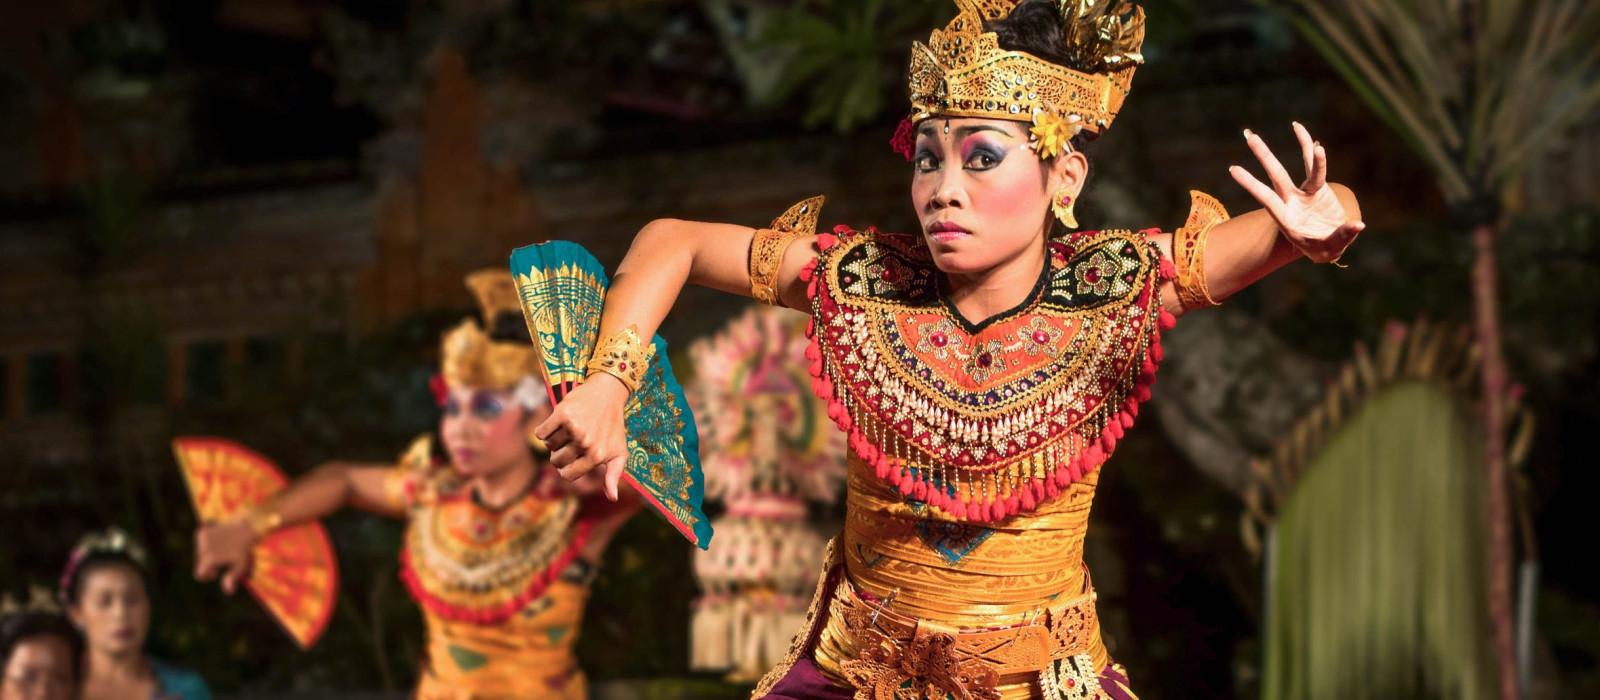 Indonesien Rundreise: Im Reich des Komododrachens Urlaub 1